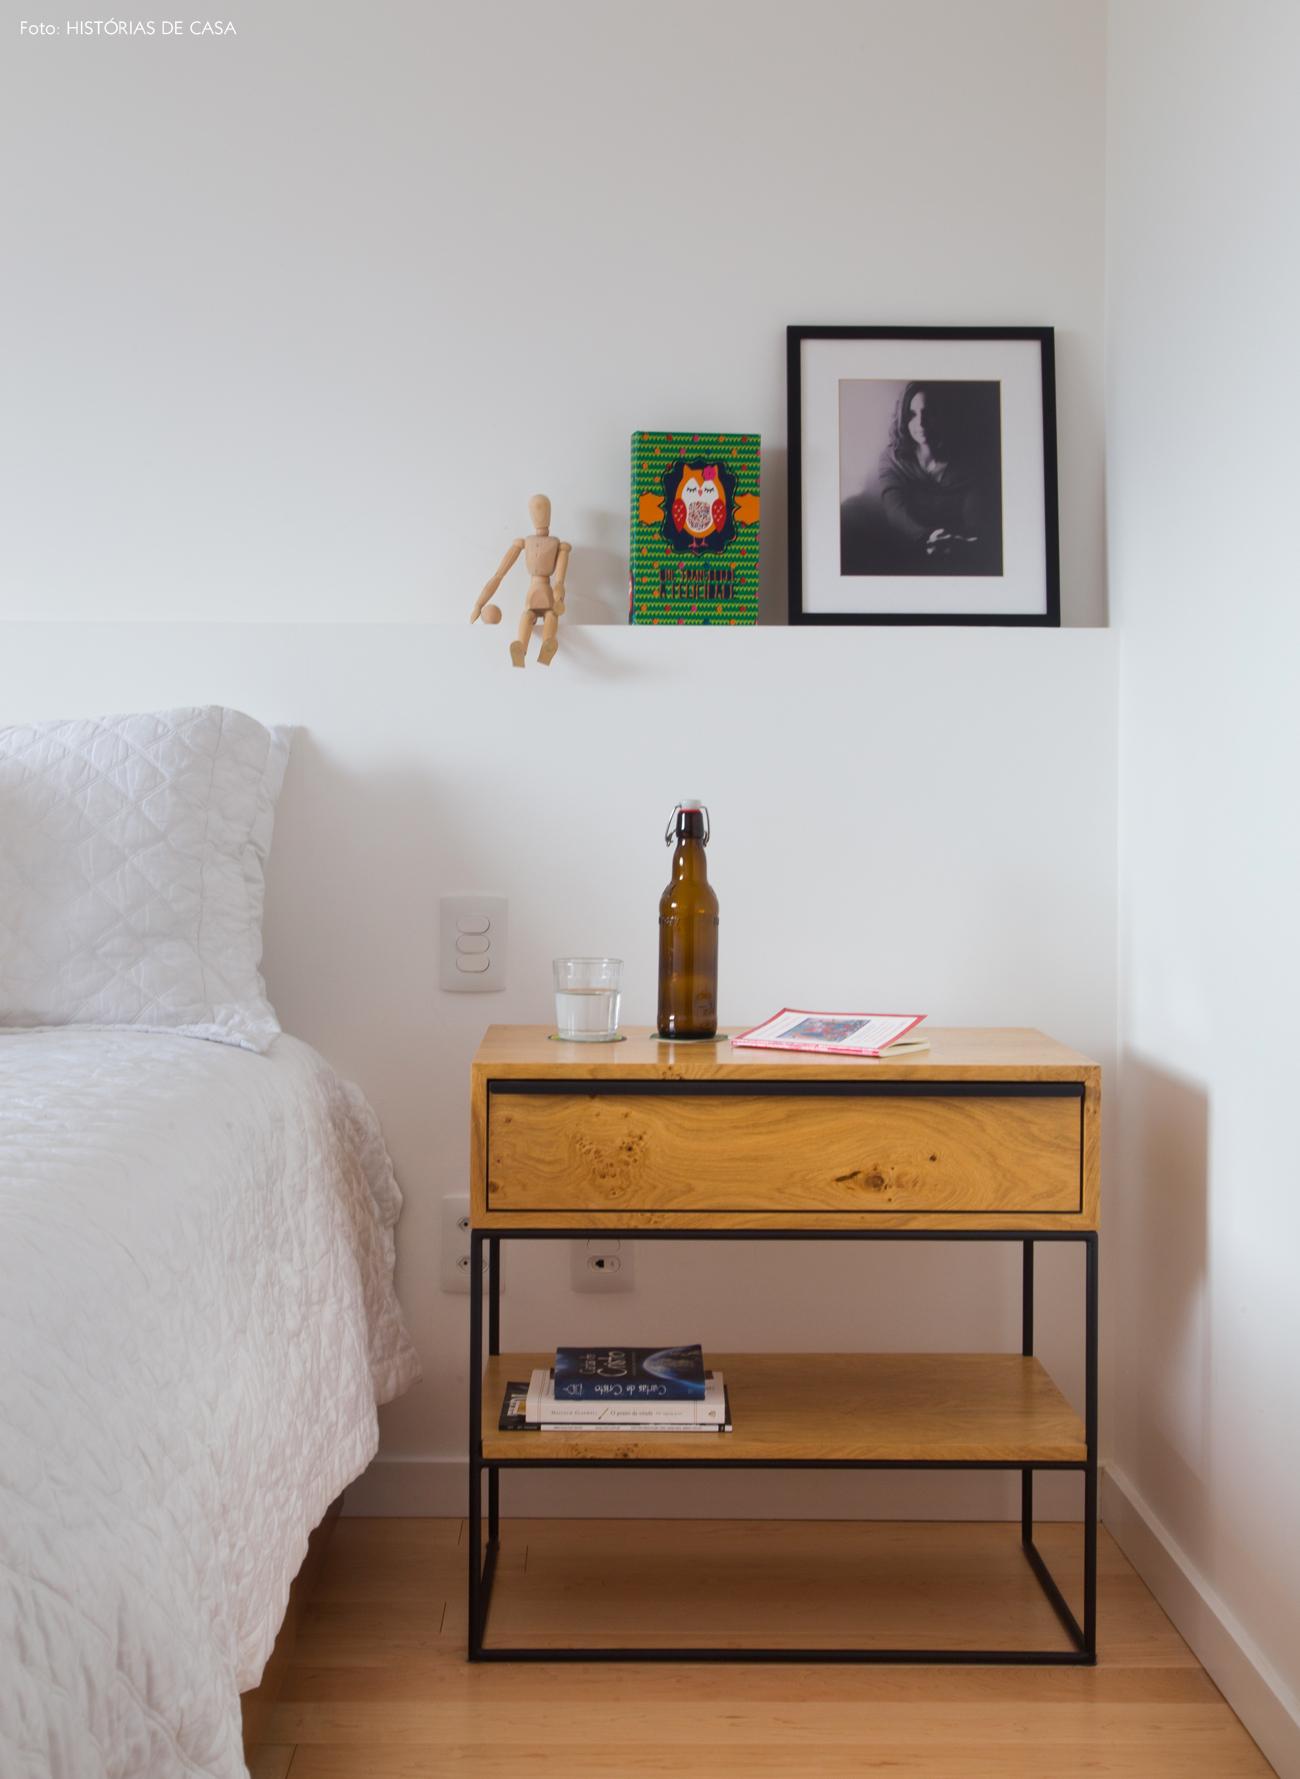 34-decoracao-apartamento-quarto-criado-mudo-marcenaria